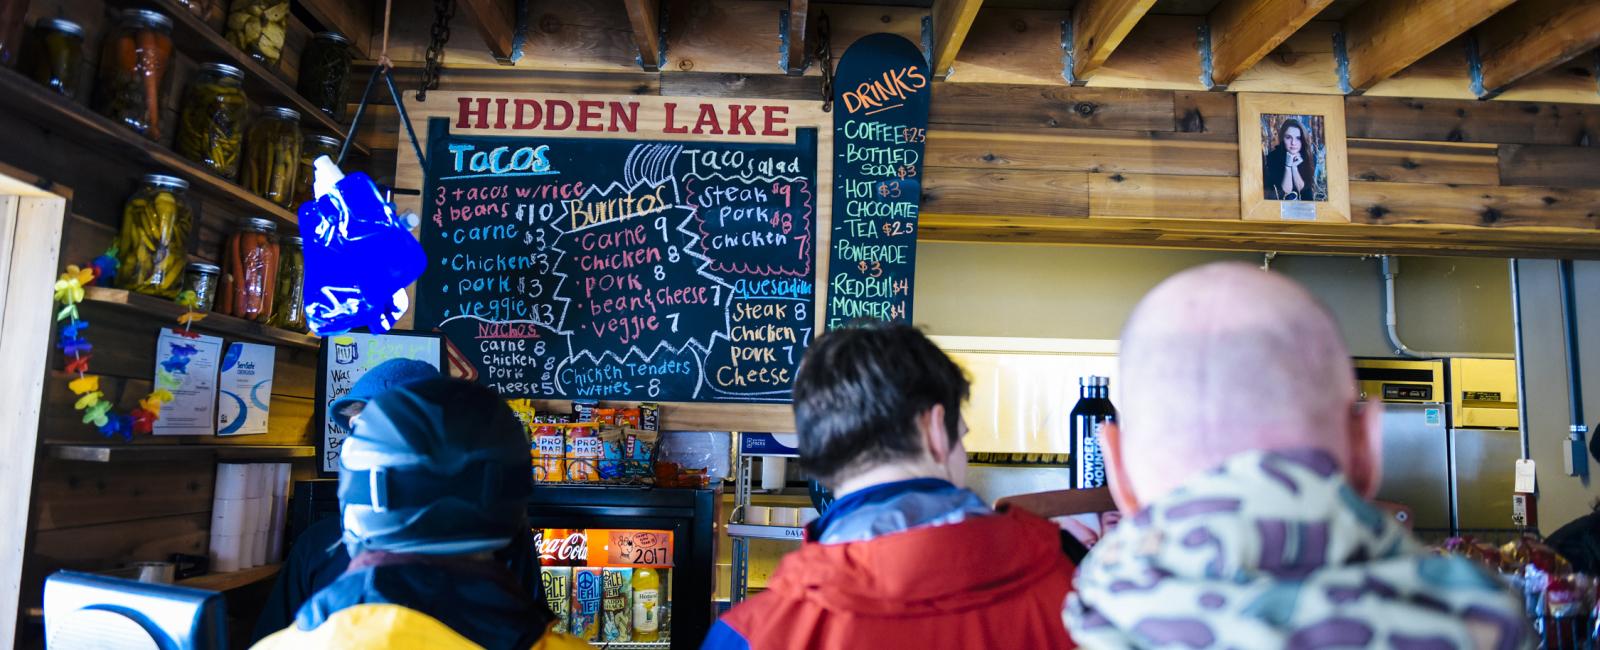 Powder Mountain Hidden Lake Cantina